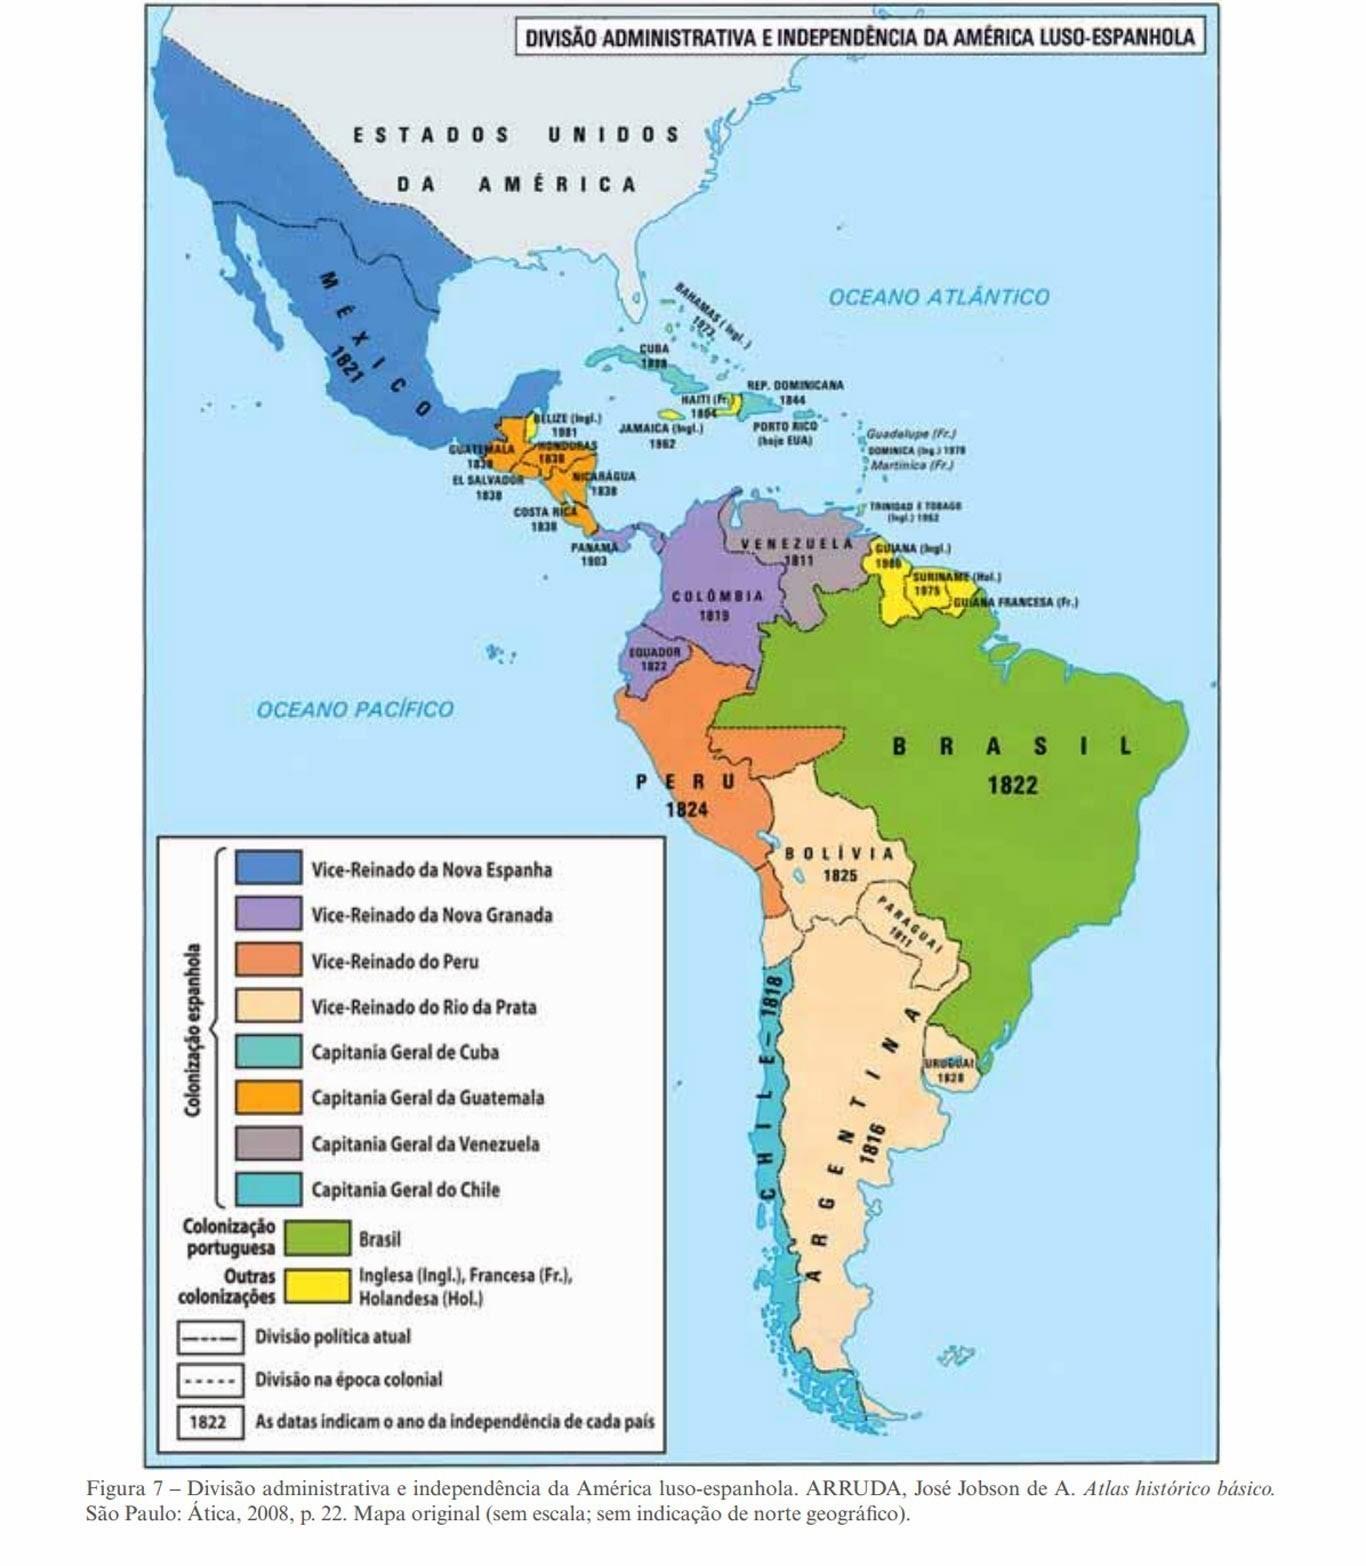 Diferencie No Mapa Os Paises Colonizadas Pela Espanha E Por